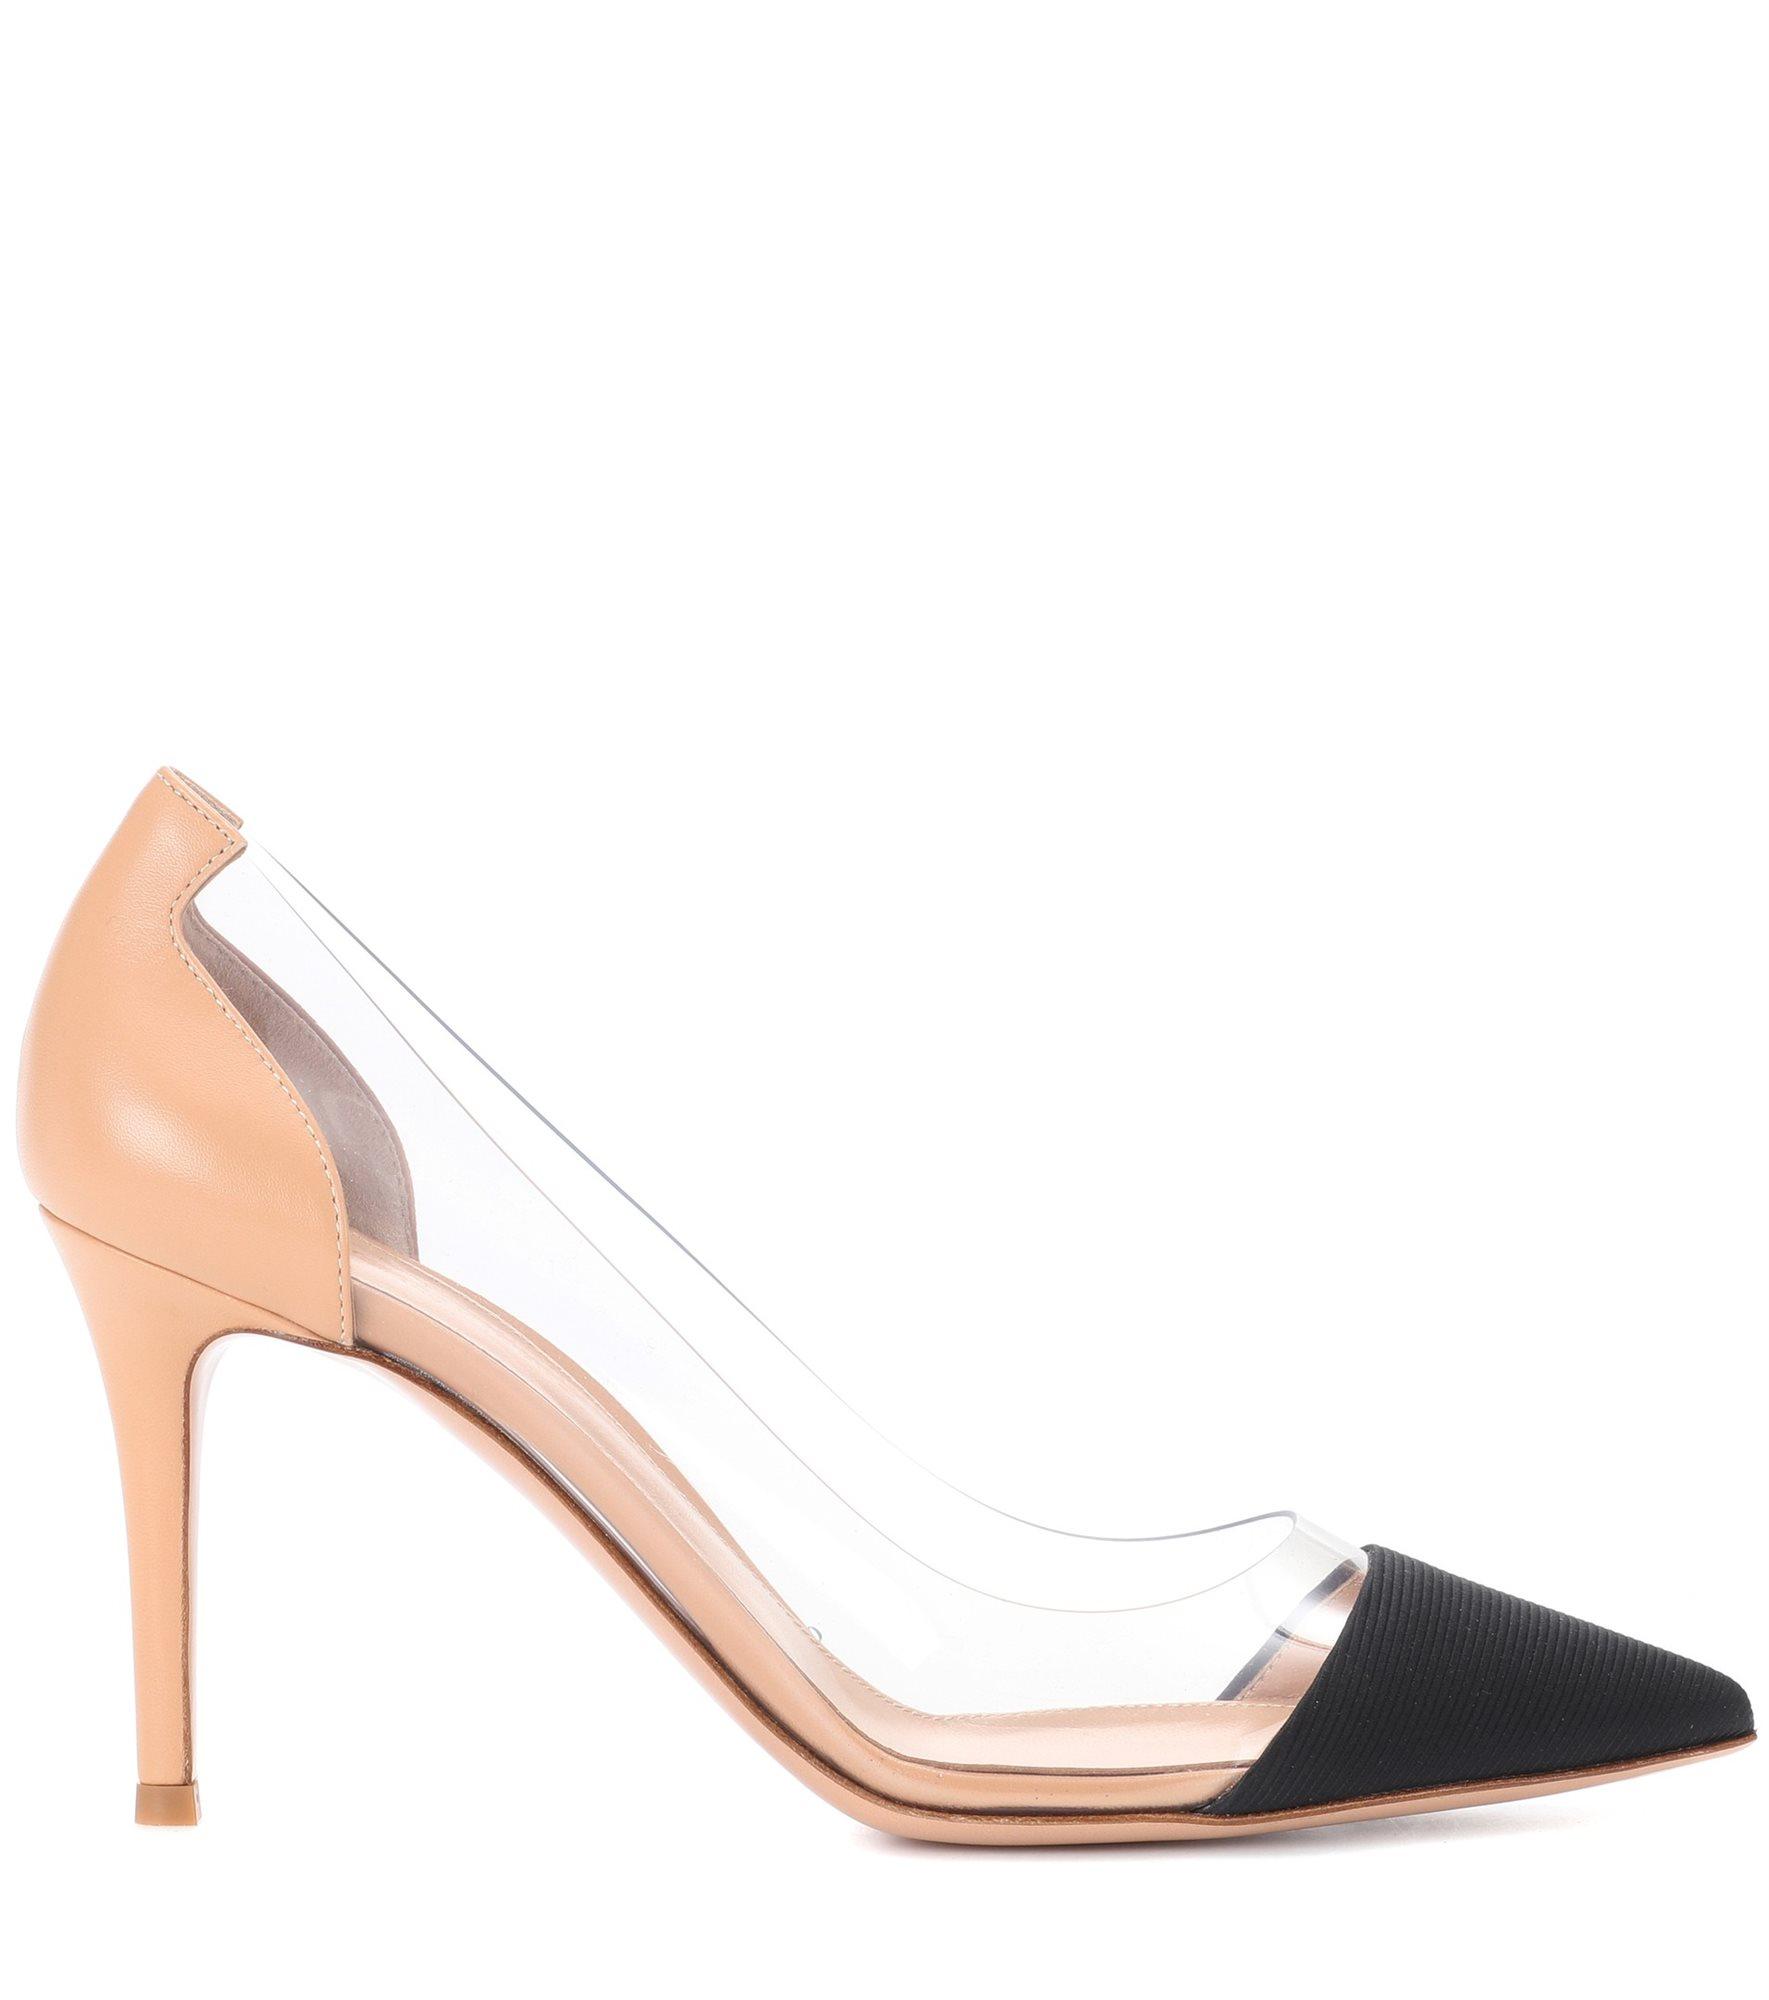 17c73c3a8a Zapatos de tacón de primavera 2018  los  stilettos  se llevan así ...